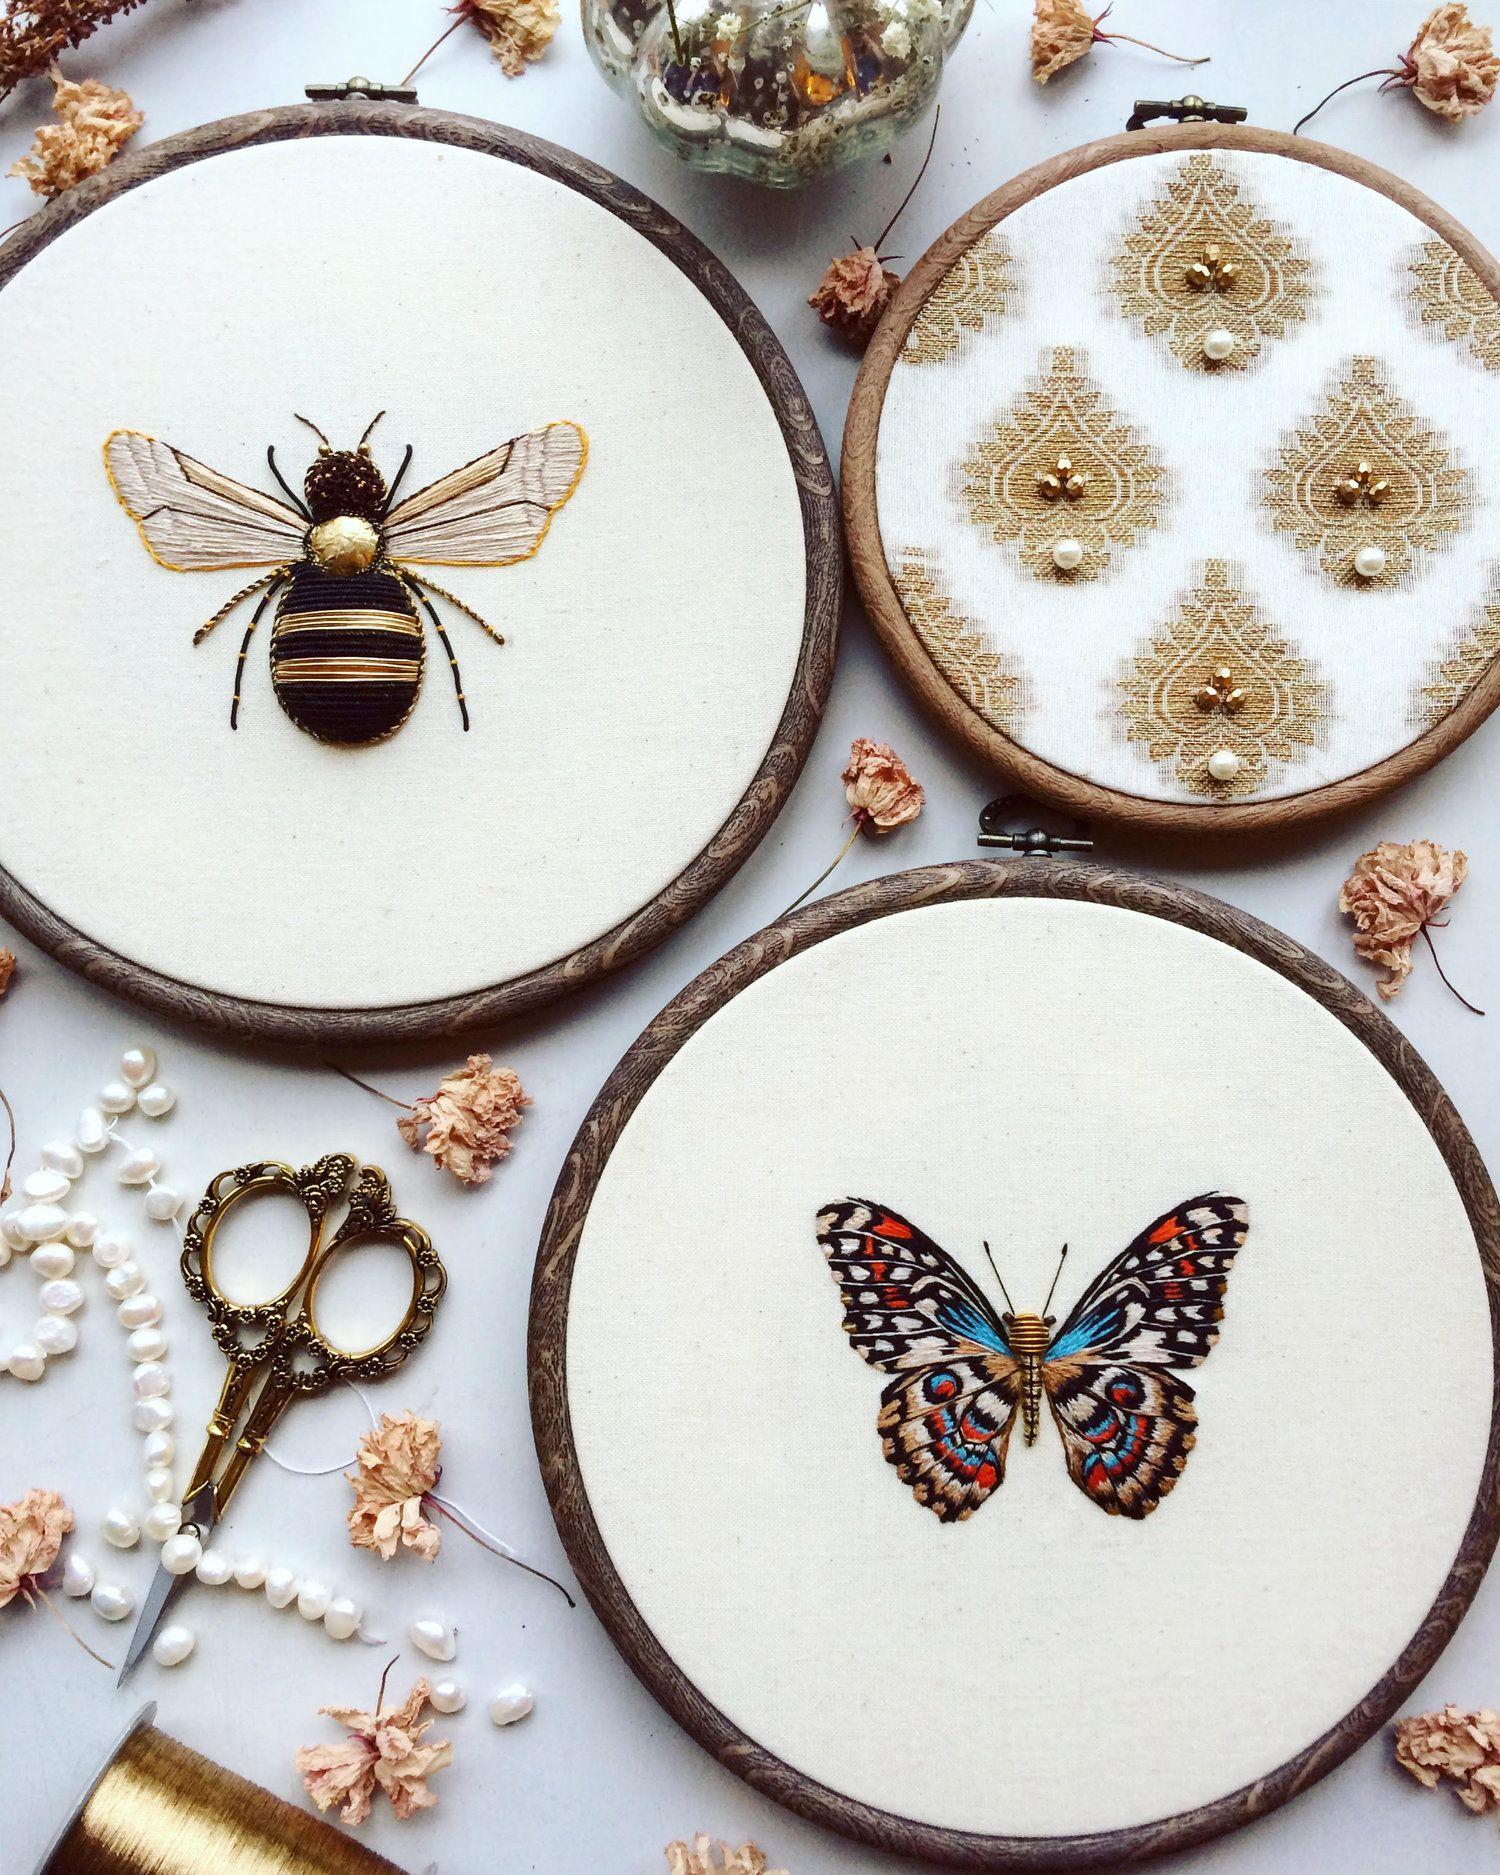 Craft With Conscience: Humayrah Bint Altaf — Sarah K. Benning Contemporary Embroidery